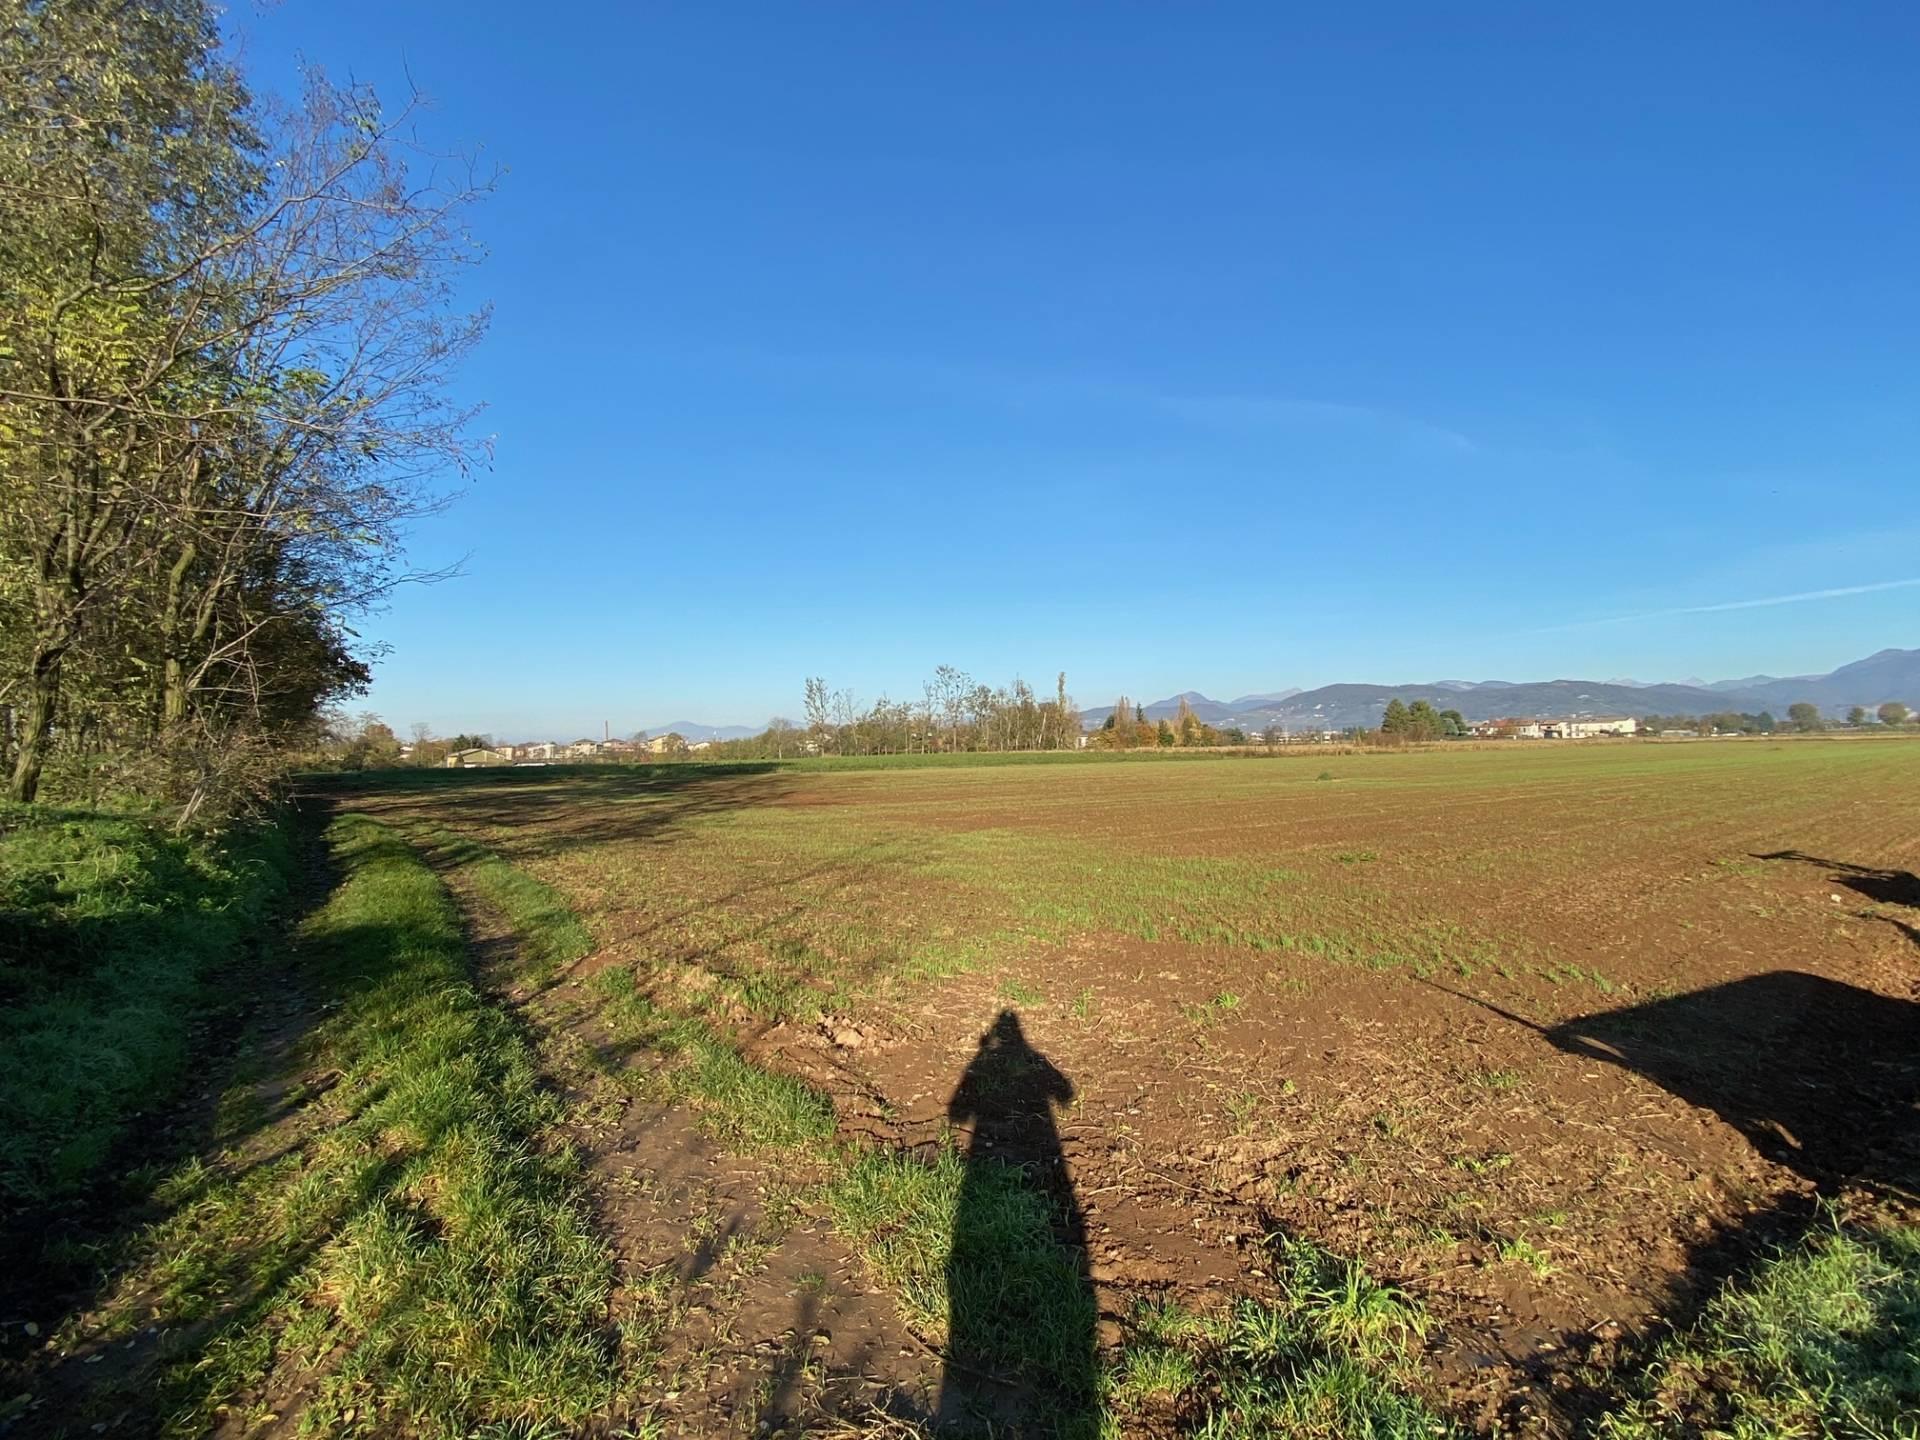 Terreno Agricolo in vendita a Palazzolo sull'Oglio, 9999 locali, prezzo € 109.900 | PortaleAgenzieImmobiliari.it